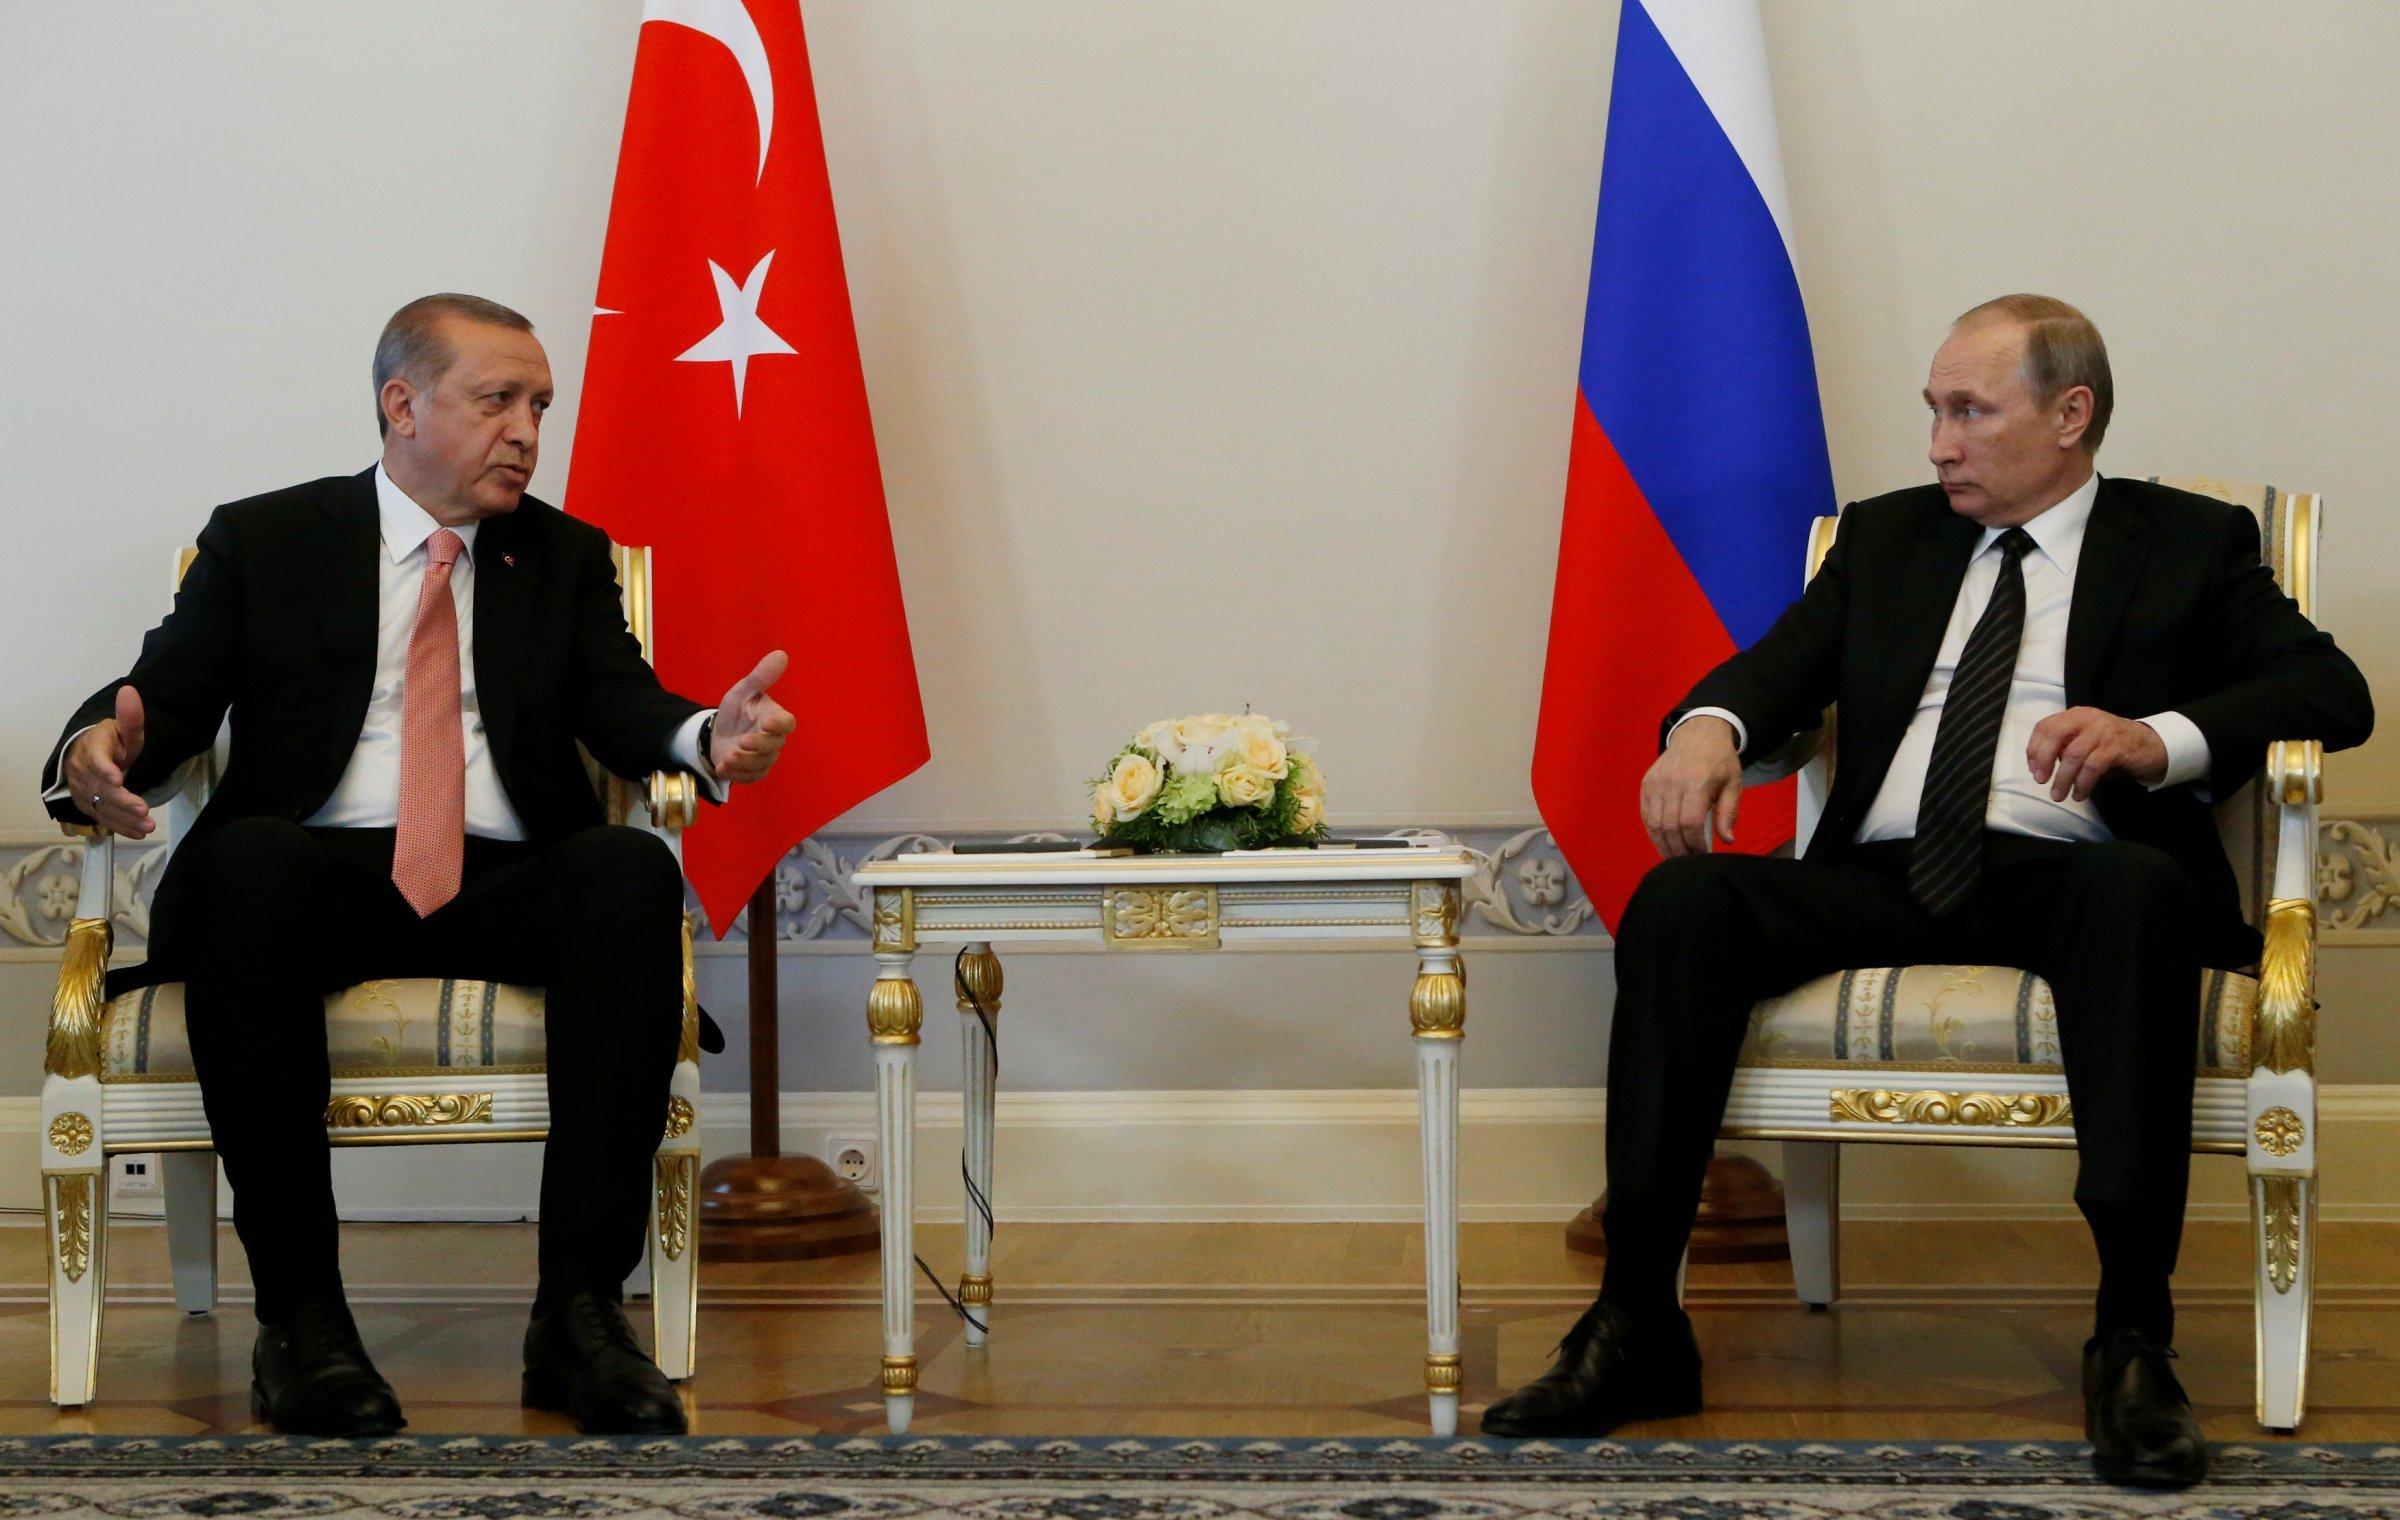 俄驻土大使遇刺 会成俄土战争导火索吗?